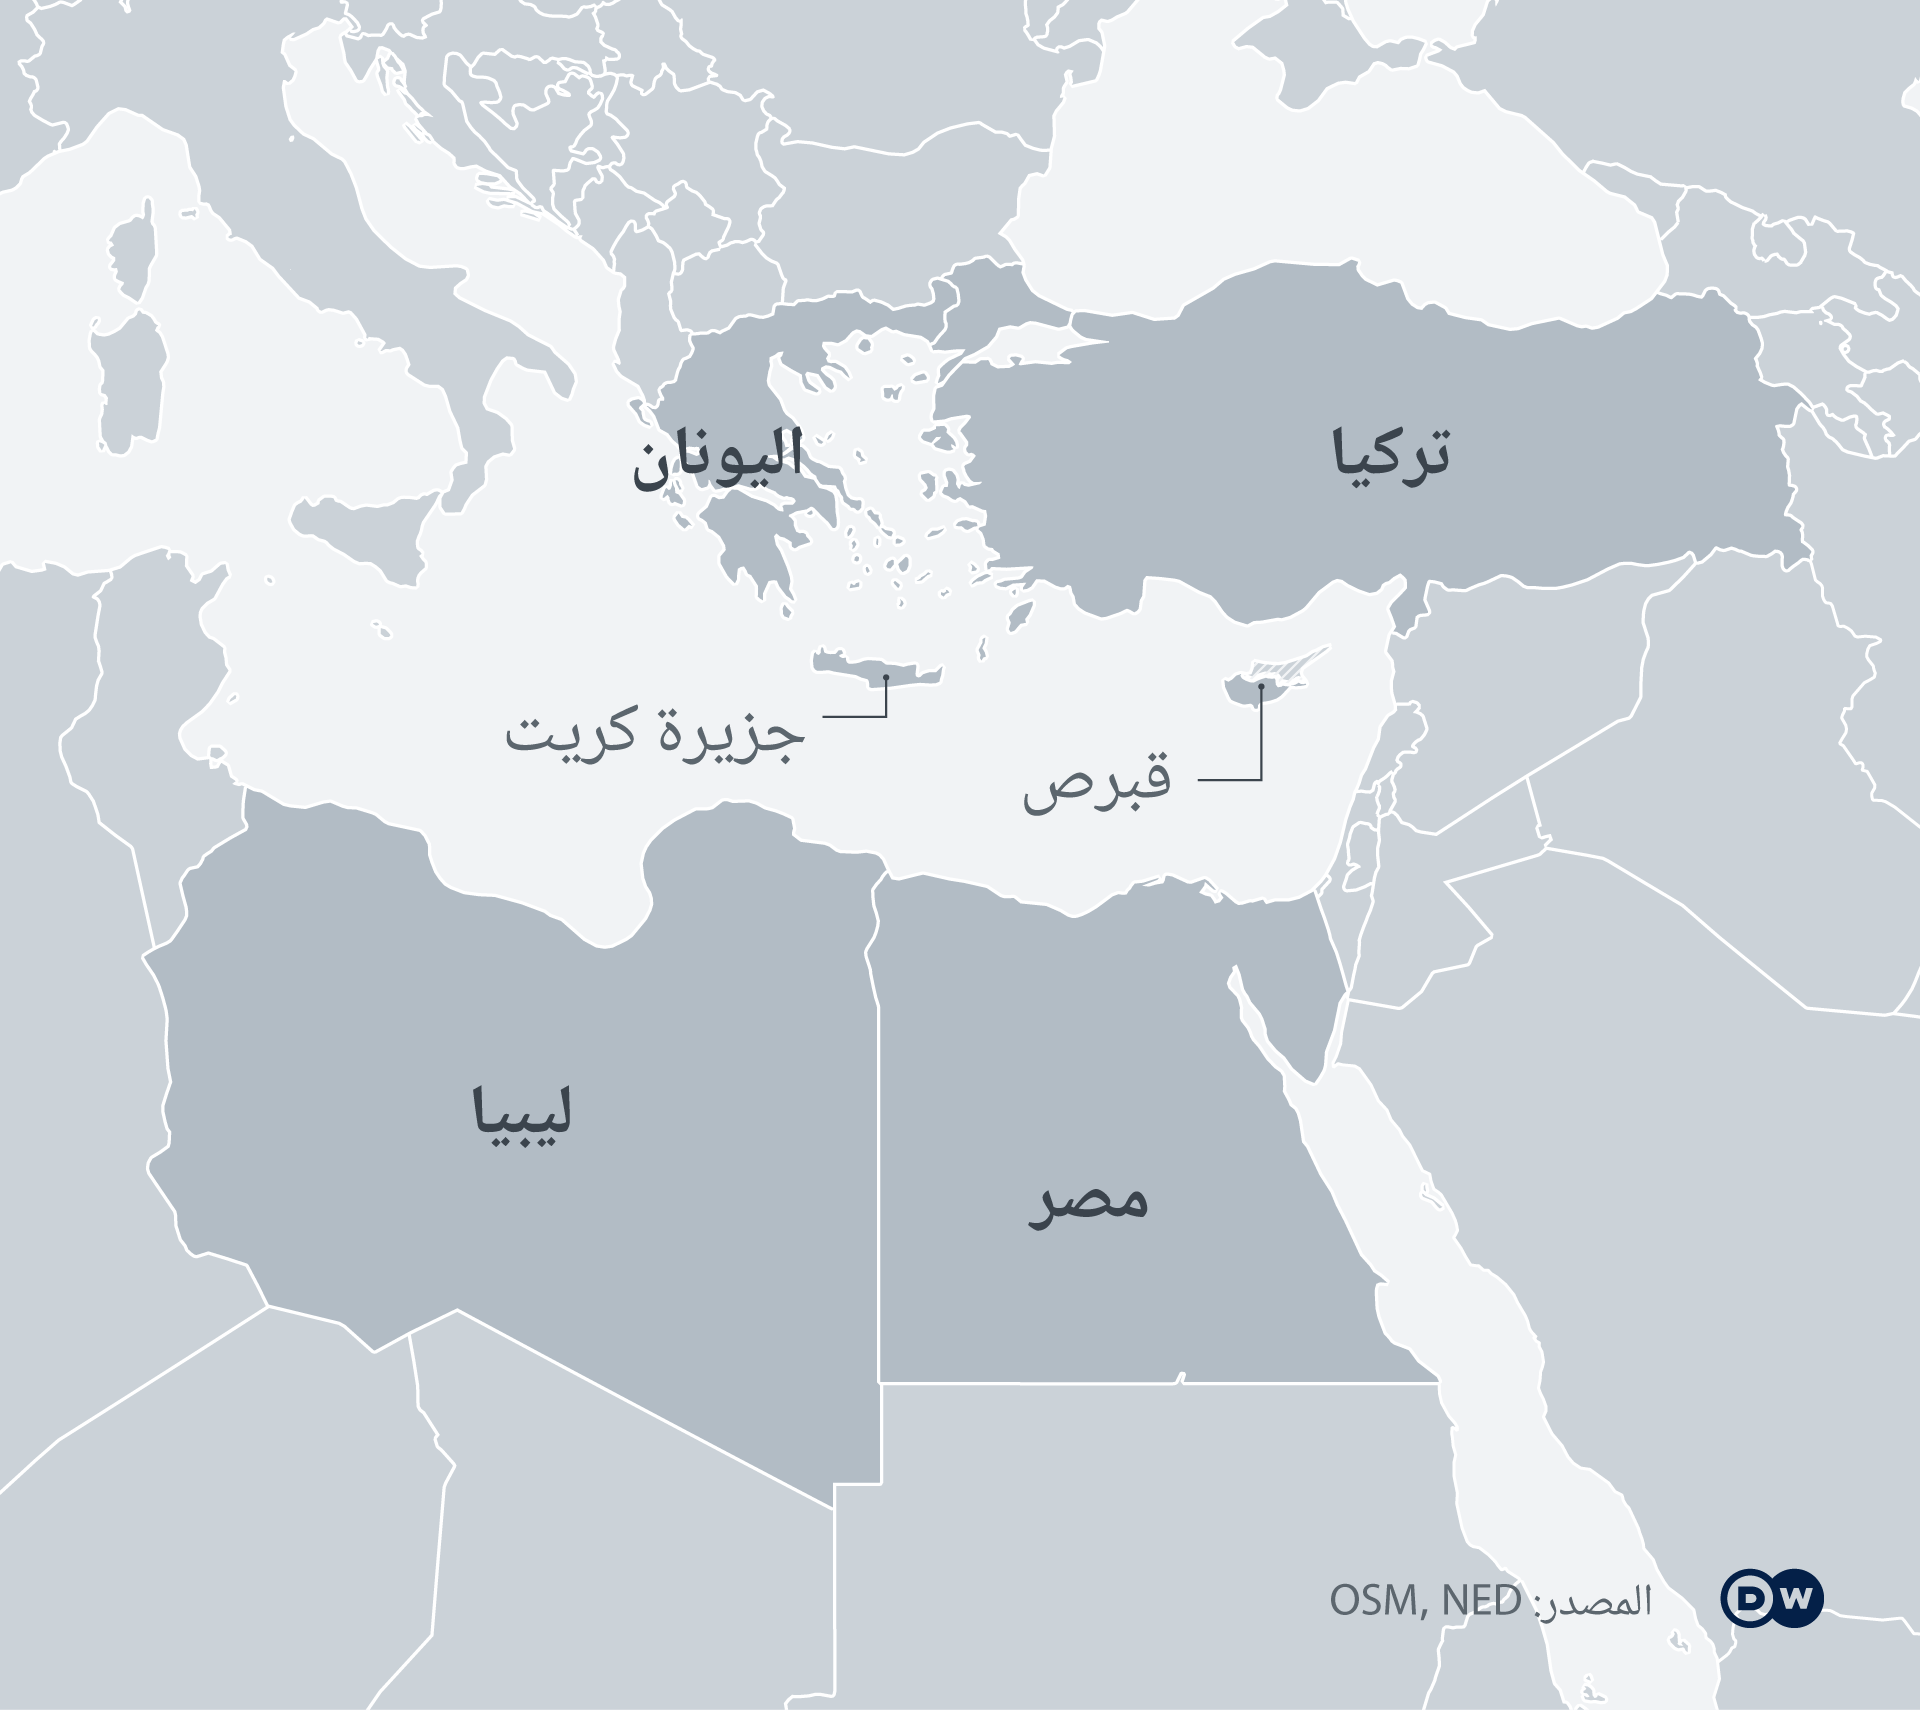 الاتفاق التركي الليبي لماذا تناوش أنقرة القاهرة وحلفائها